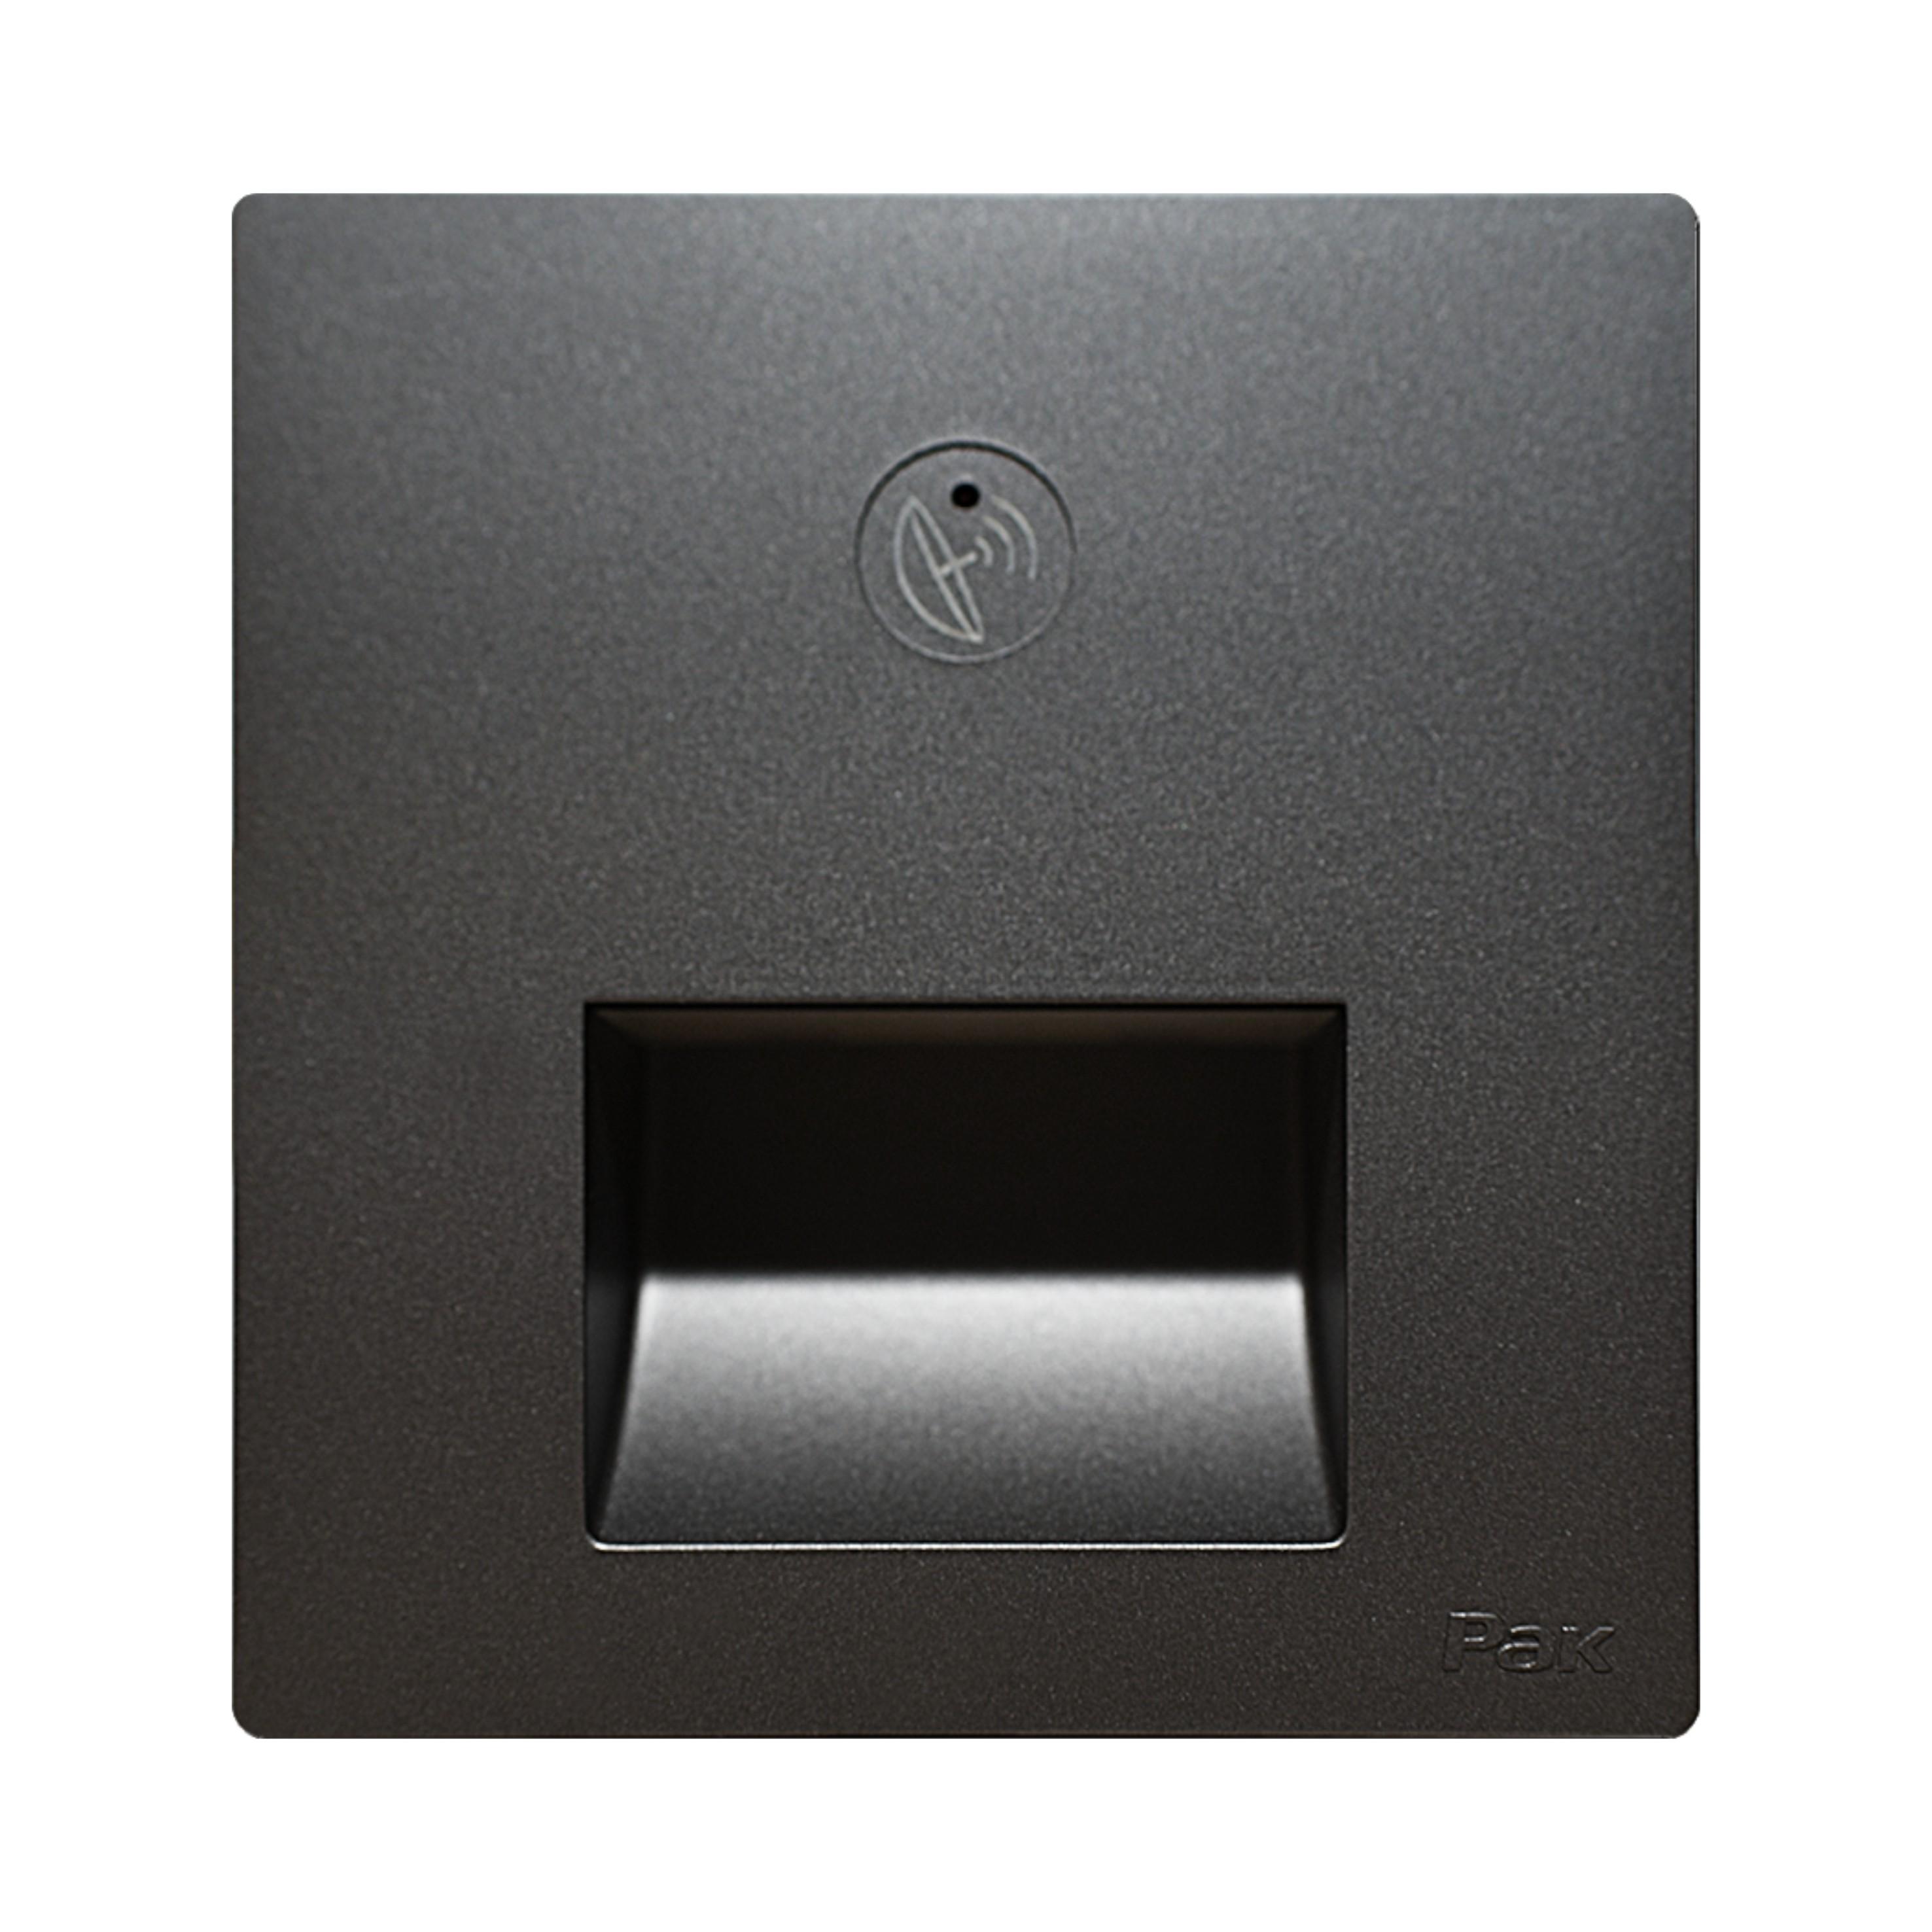 雷达感应壁脚灯(3色可选)壁灯